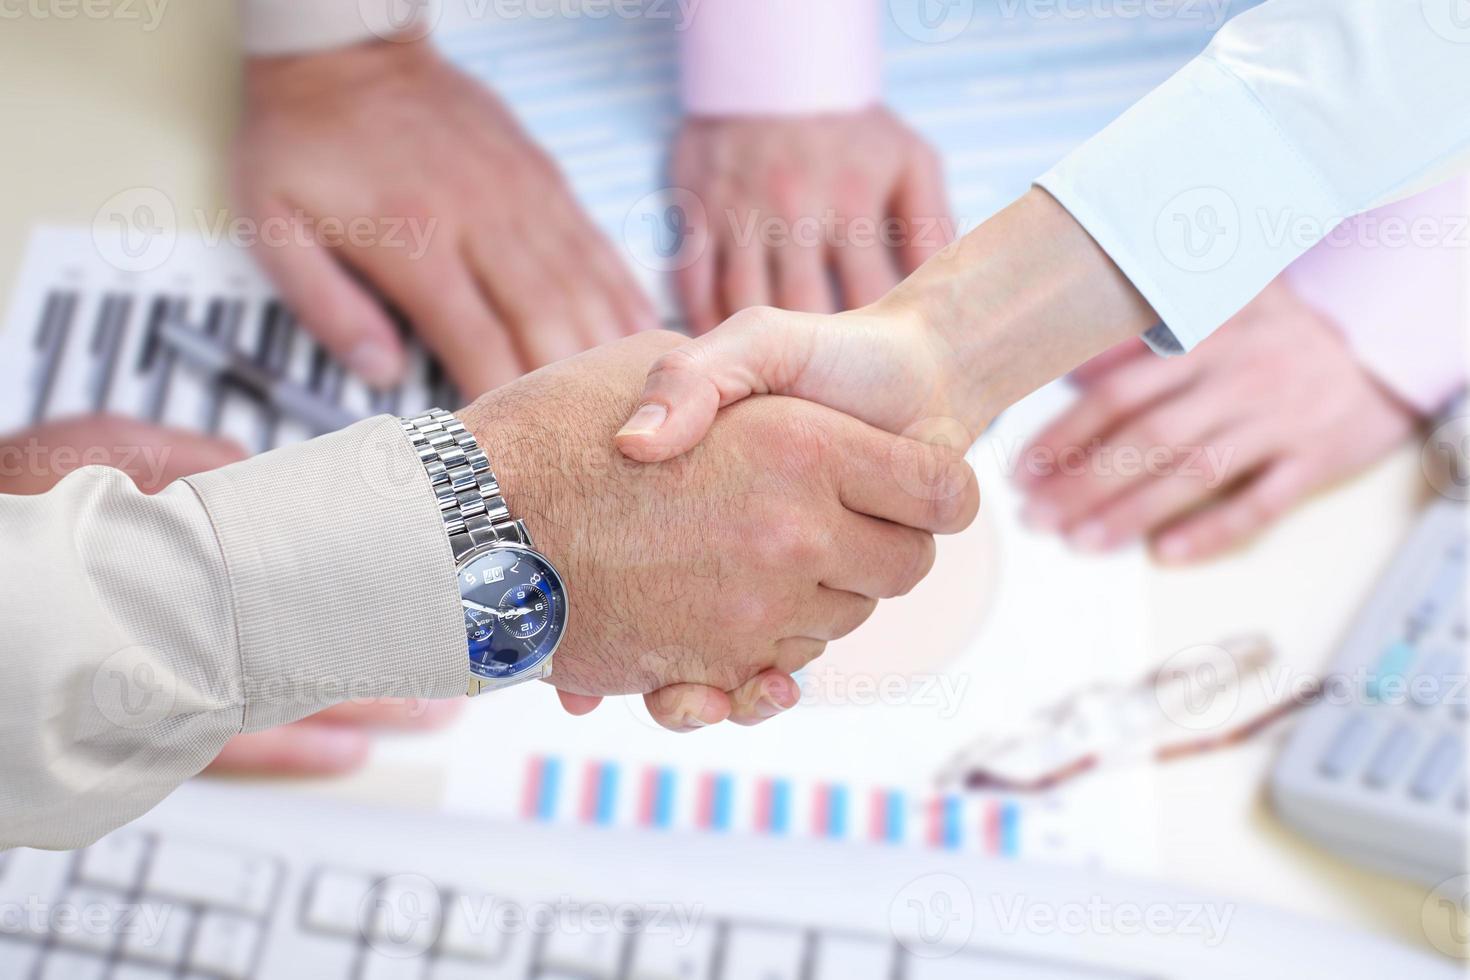 Business handshake photo